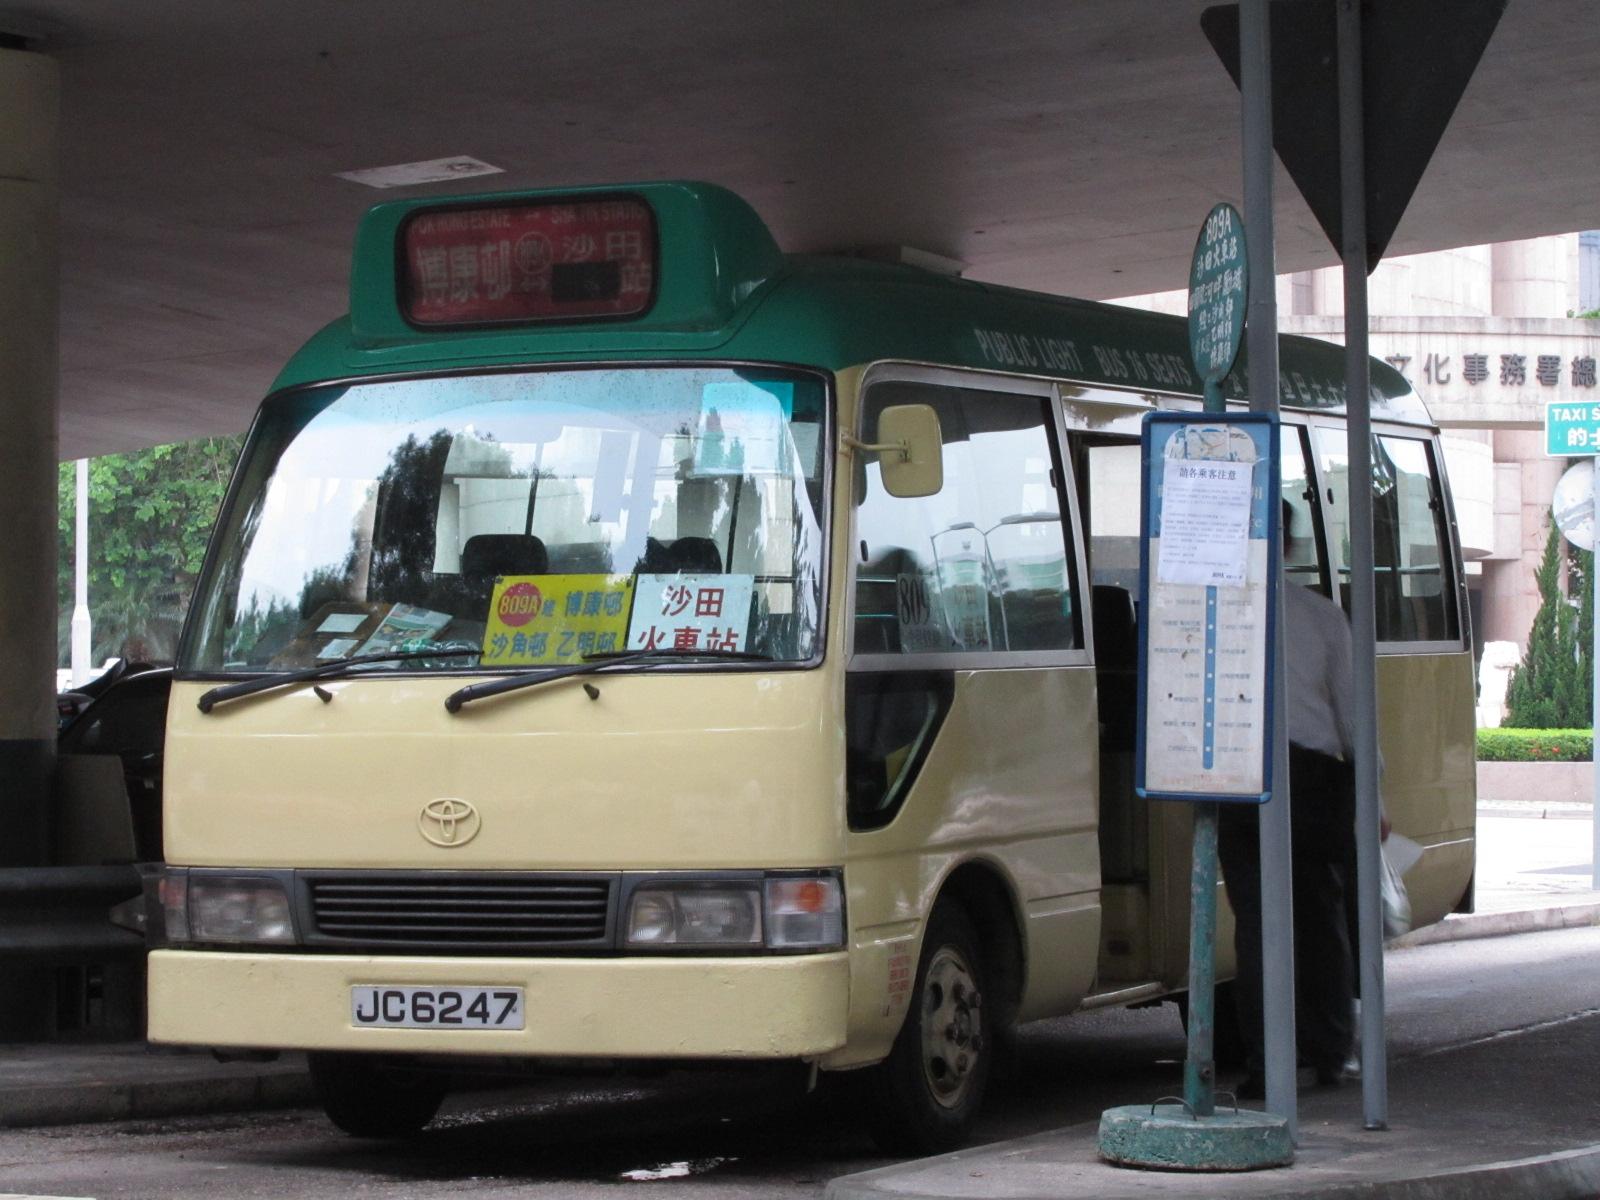 新界專綫小巴809A線